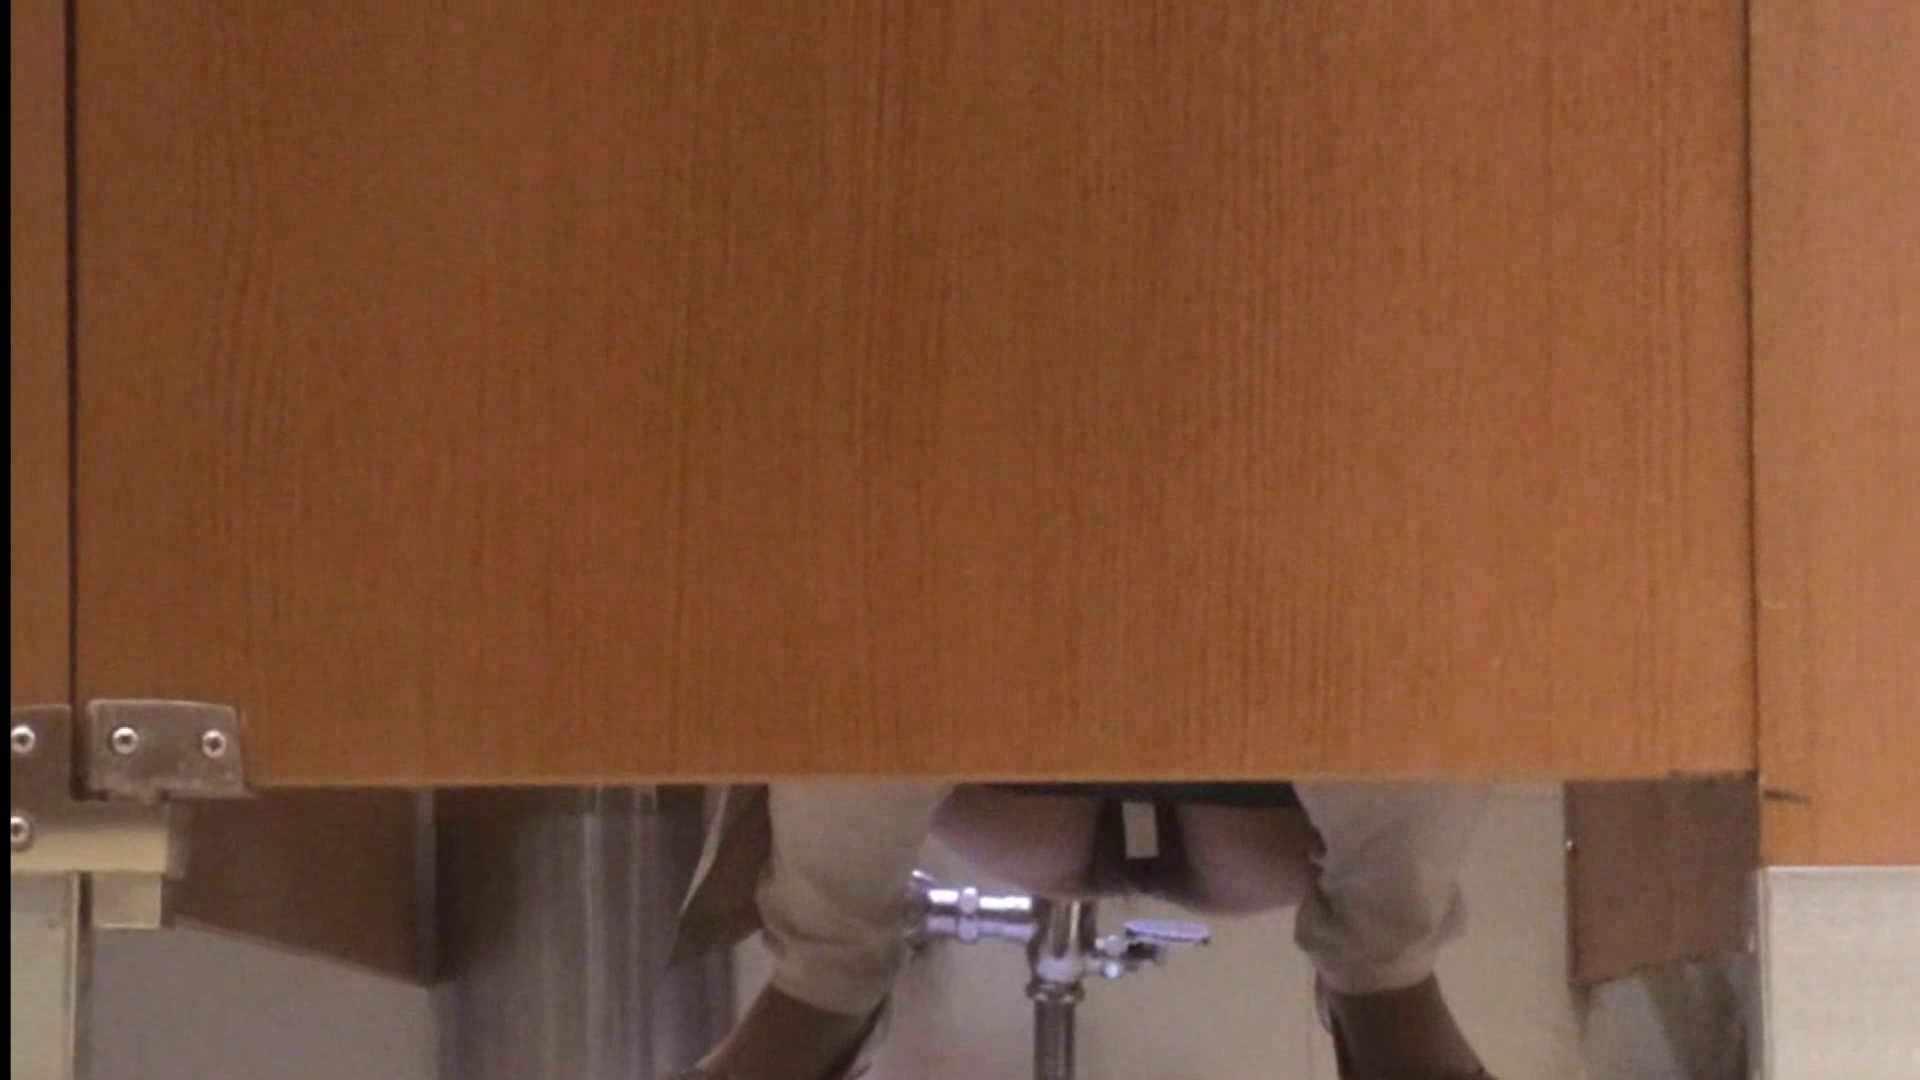 「噂」の国の厠観察日記2 Vol.11 厠隠し撮り  77pic 48